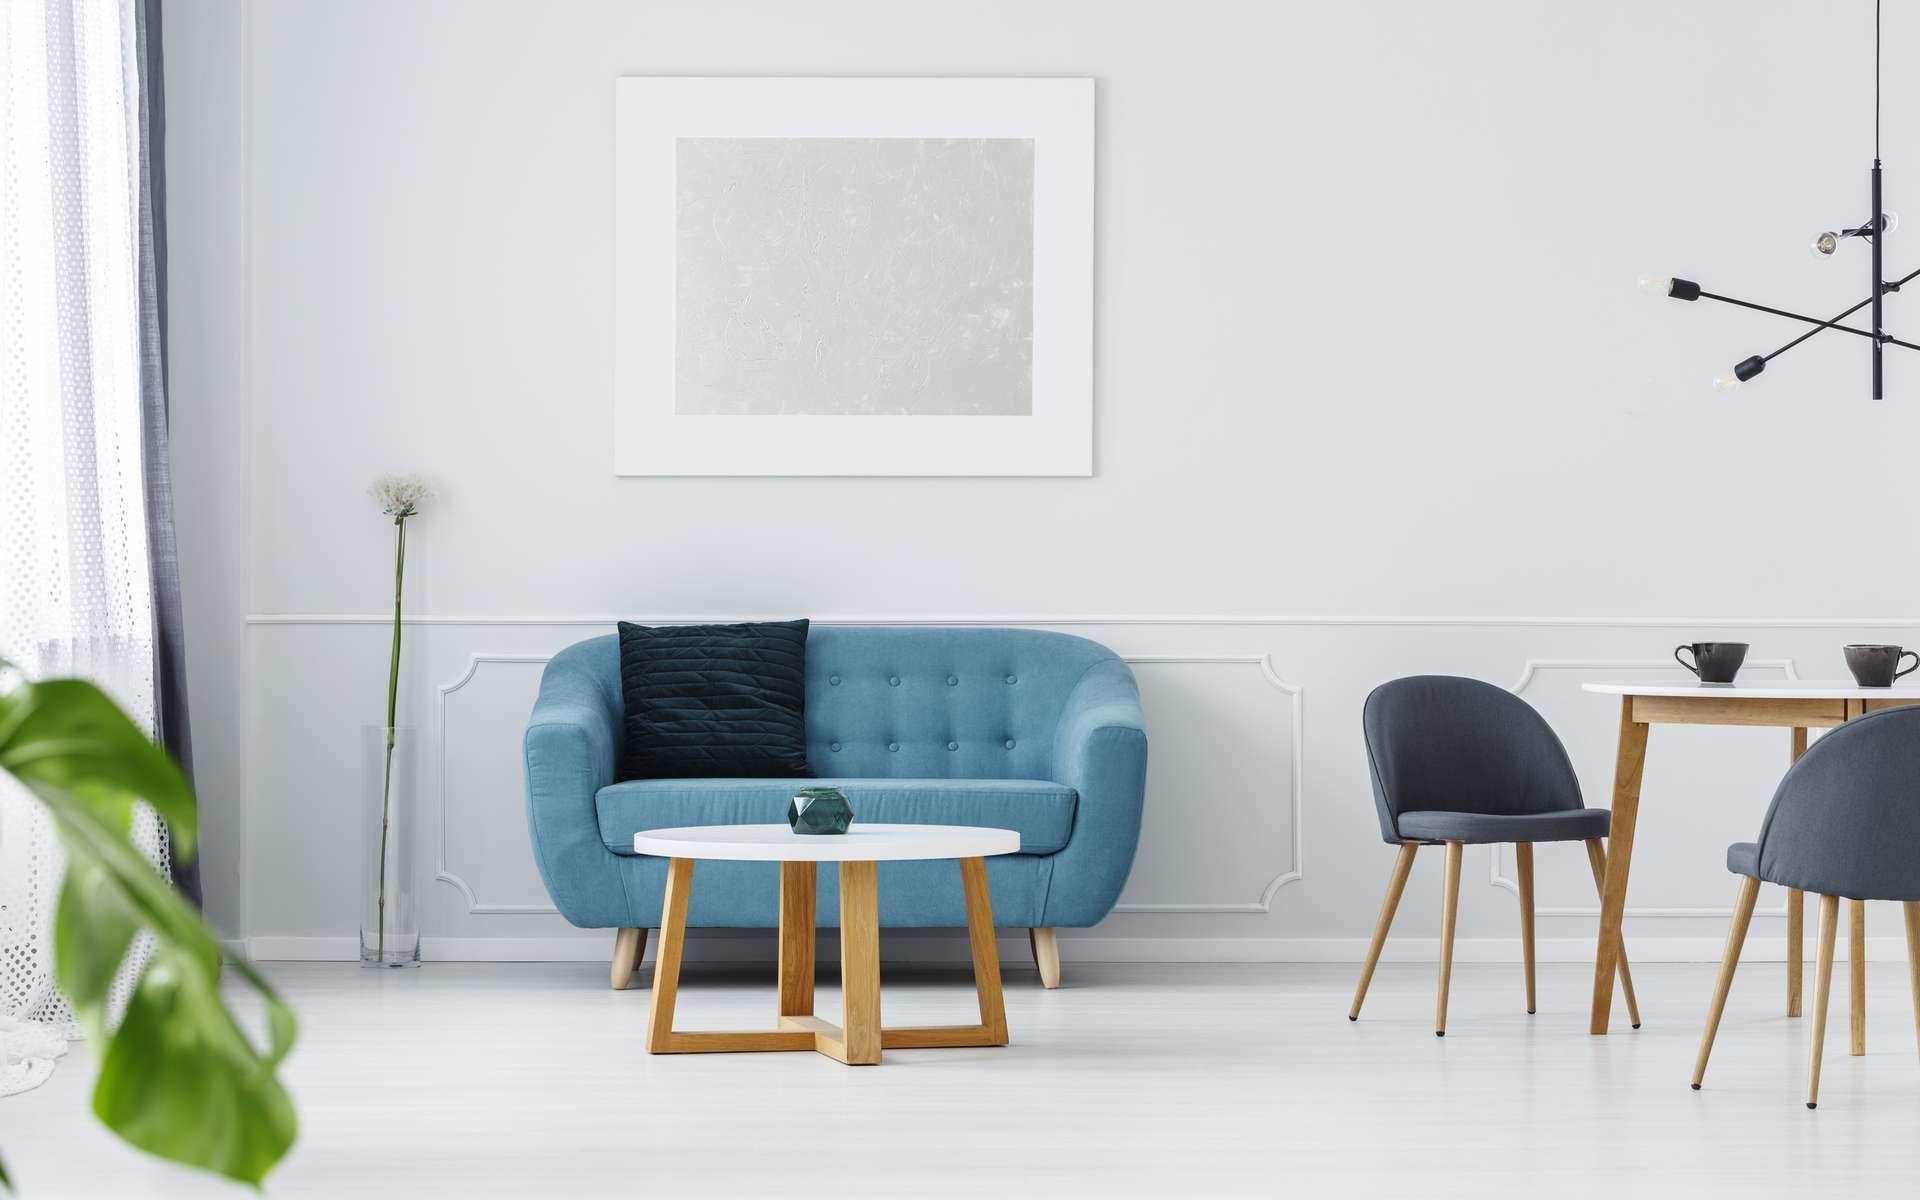 Appartement destiné à de la location meublé © Photographee.eu, Adobe Stock